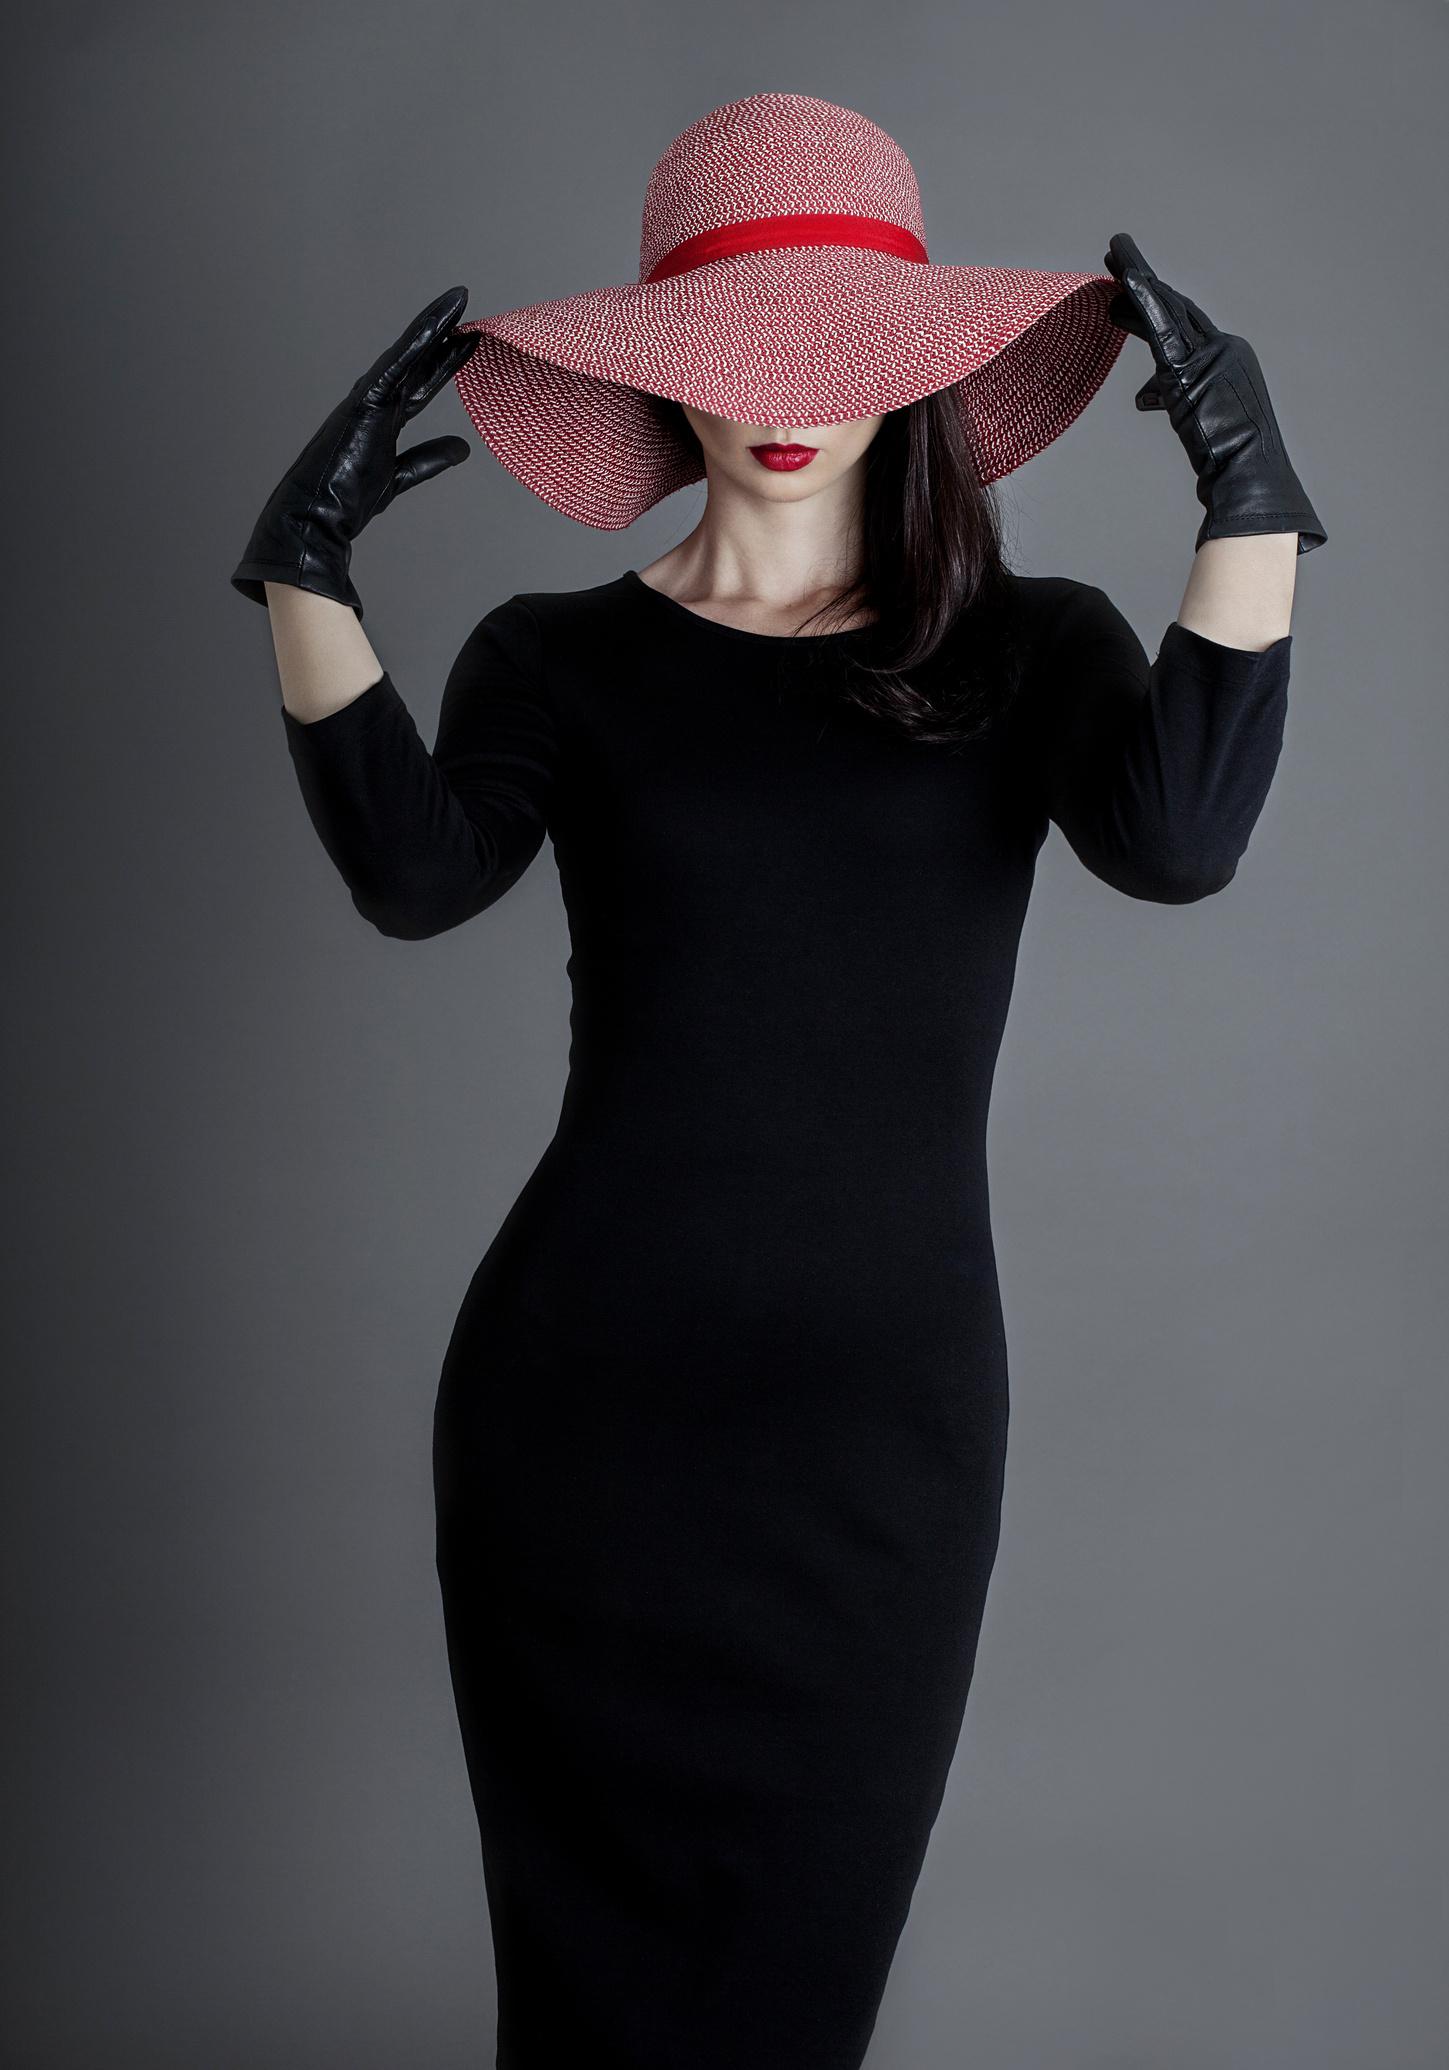 Видеть во сне себя одетой в черное платье